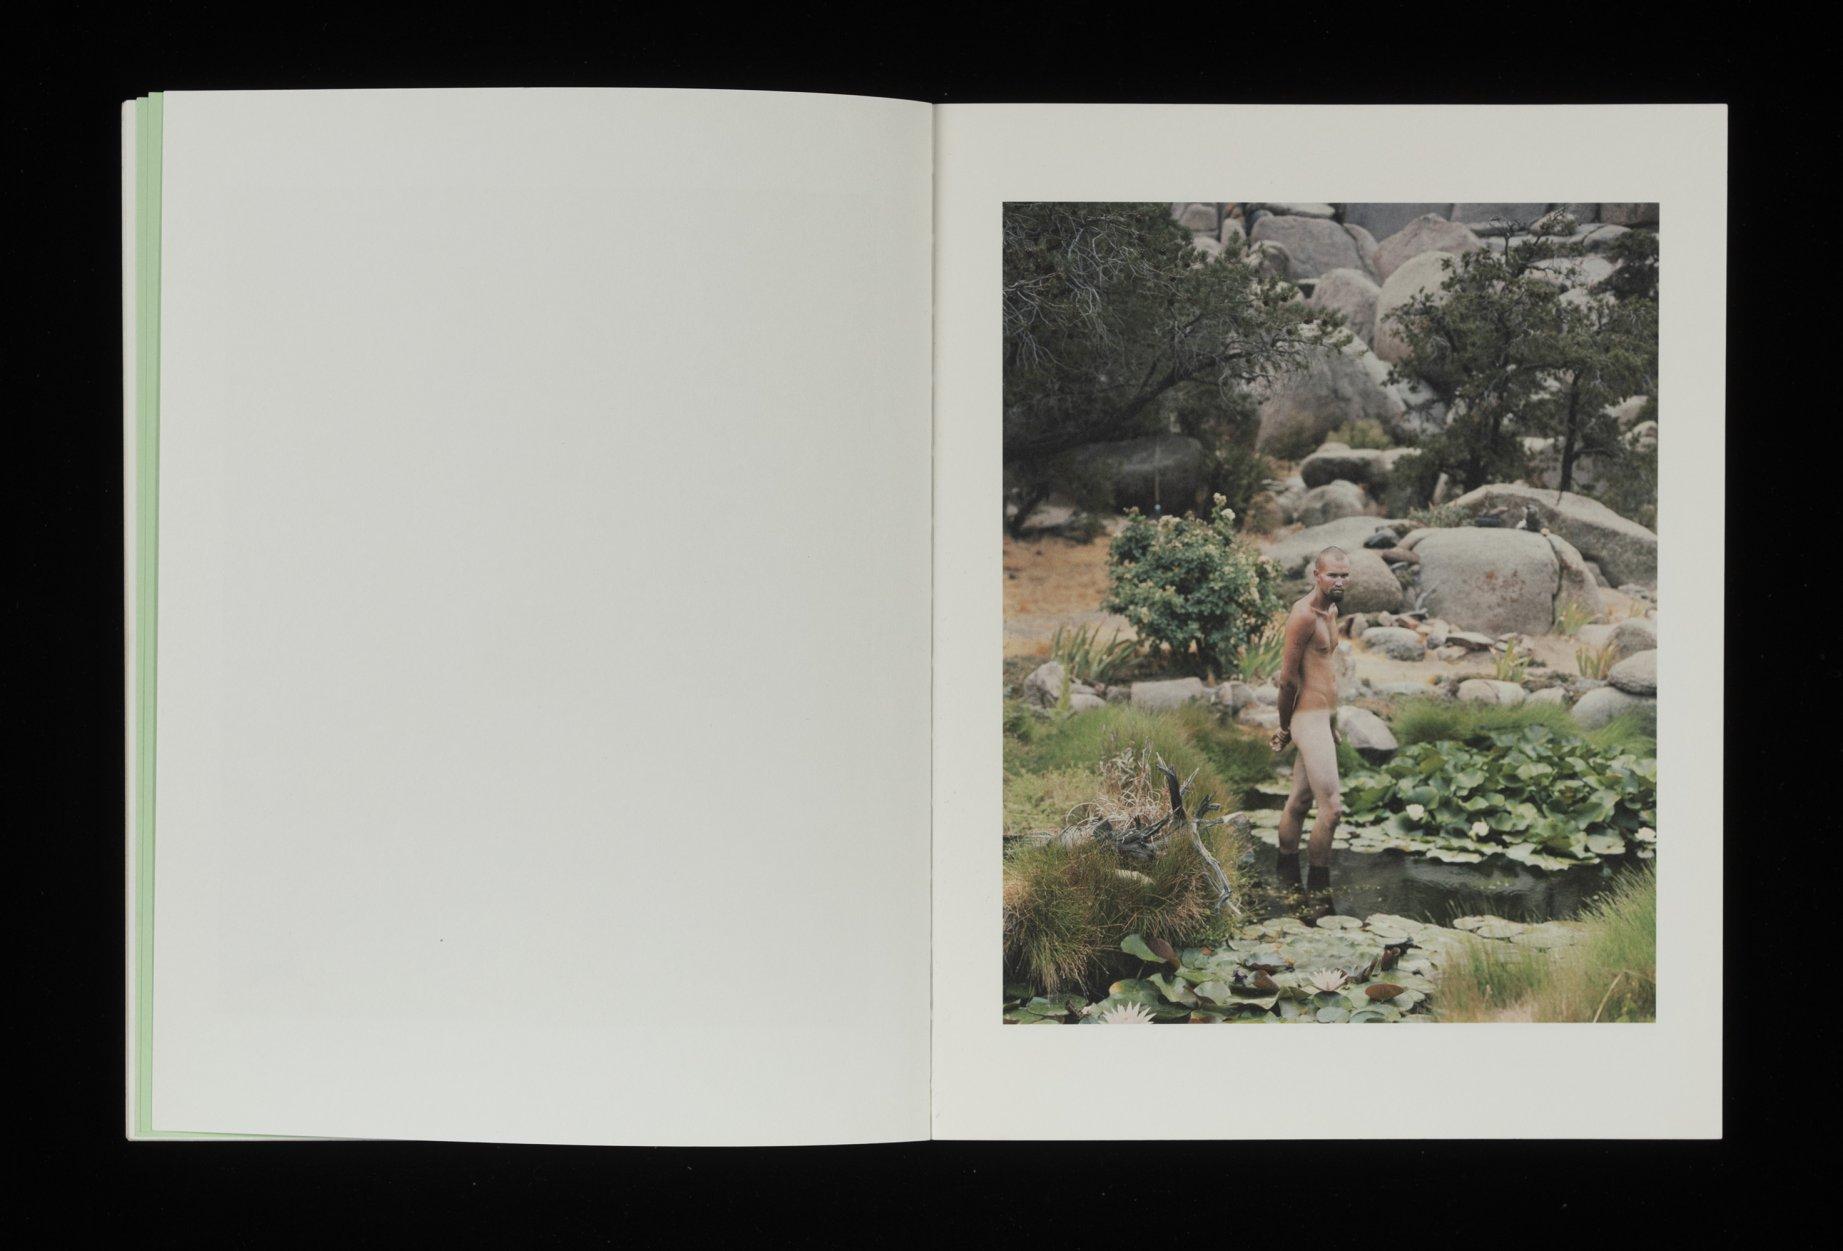 alec-books-019–Broken-Manual